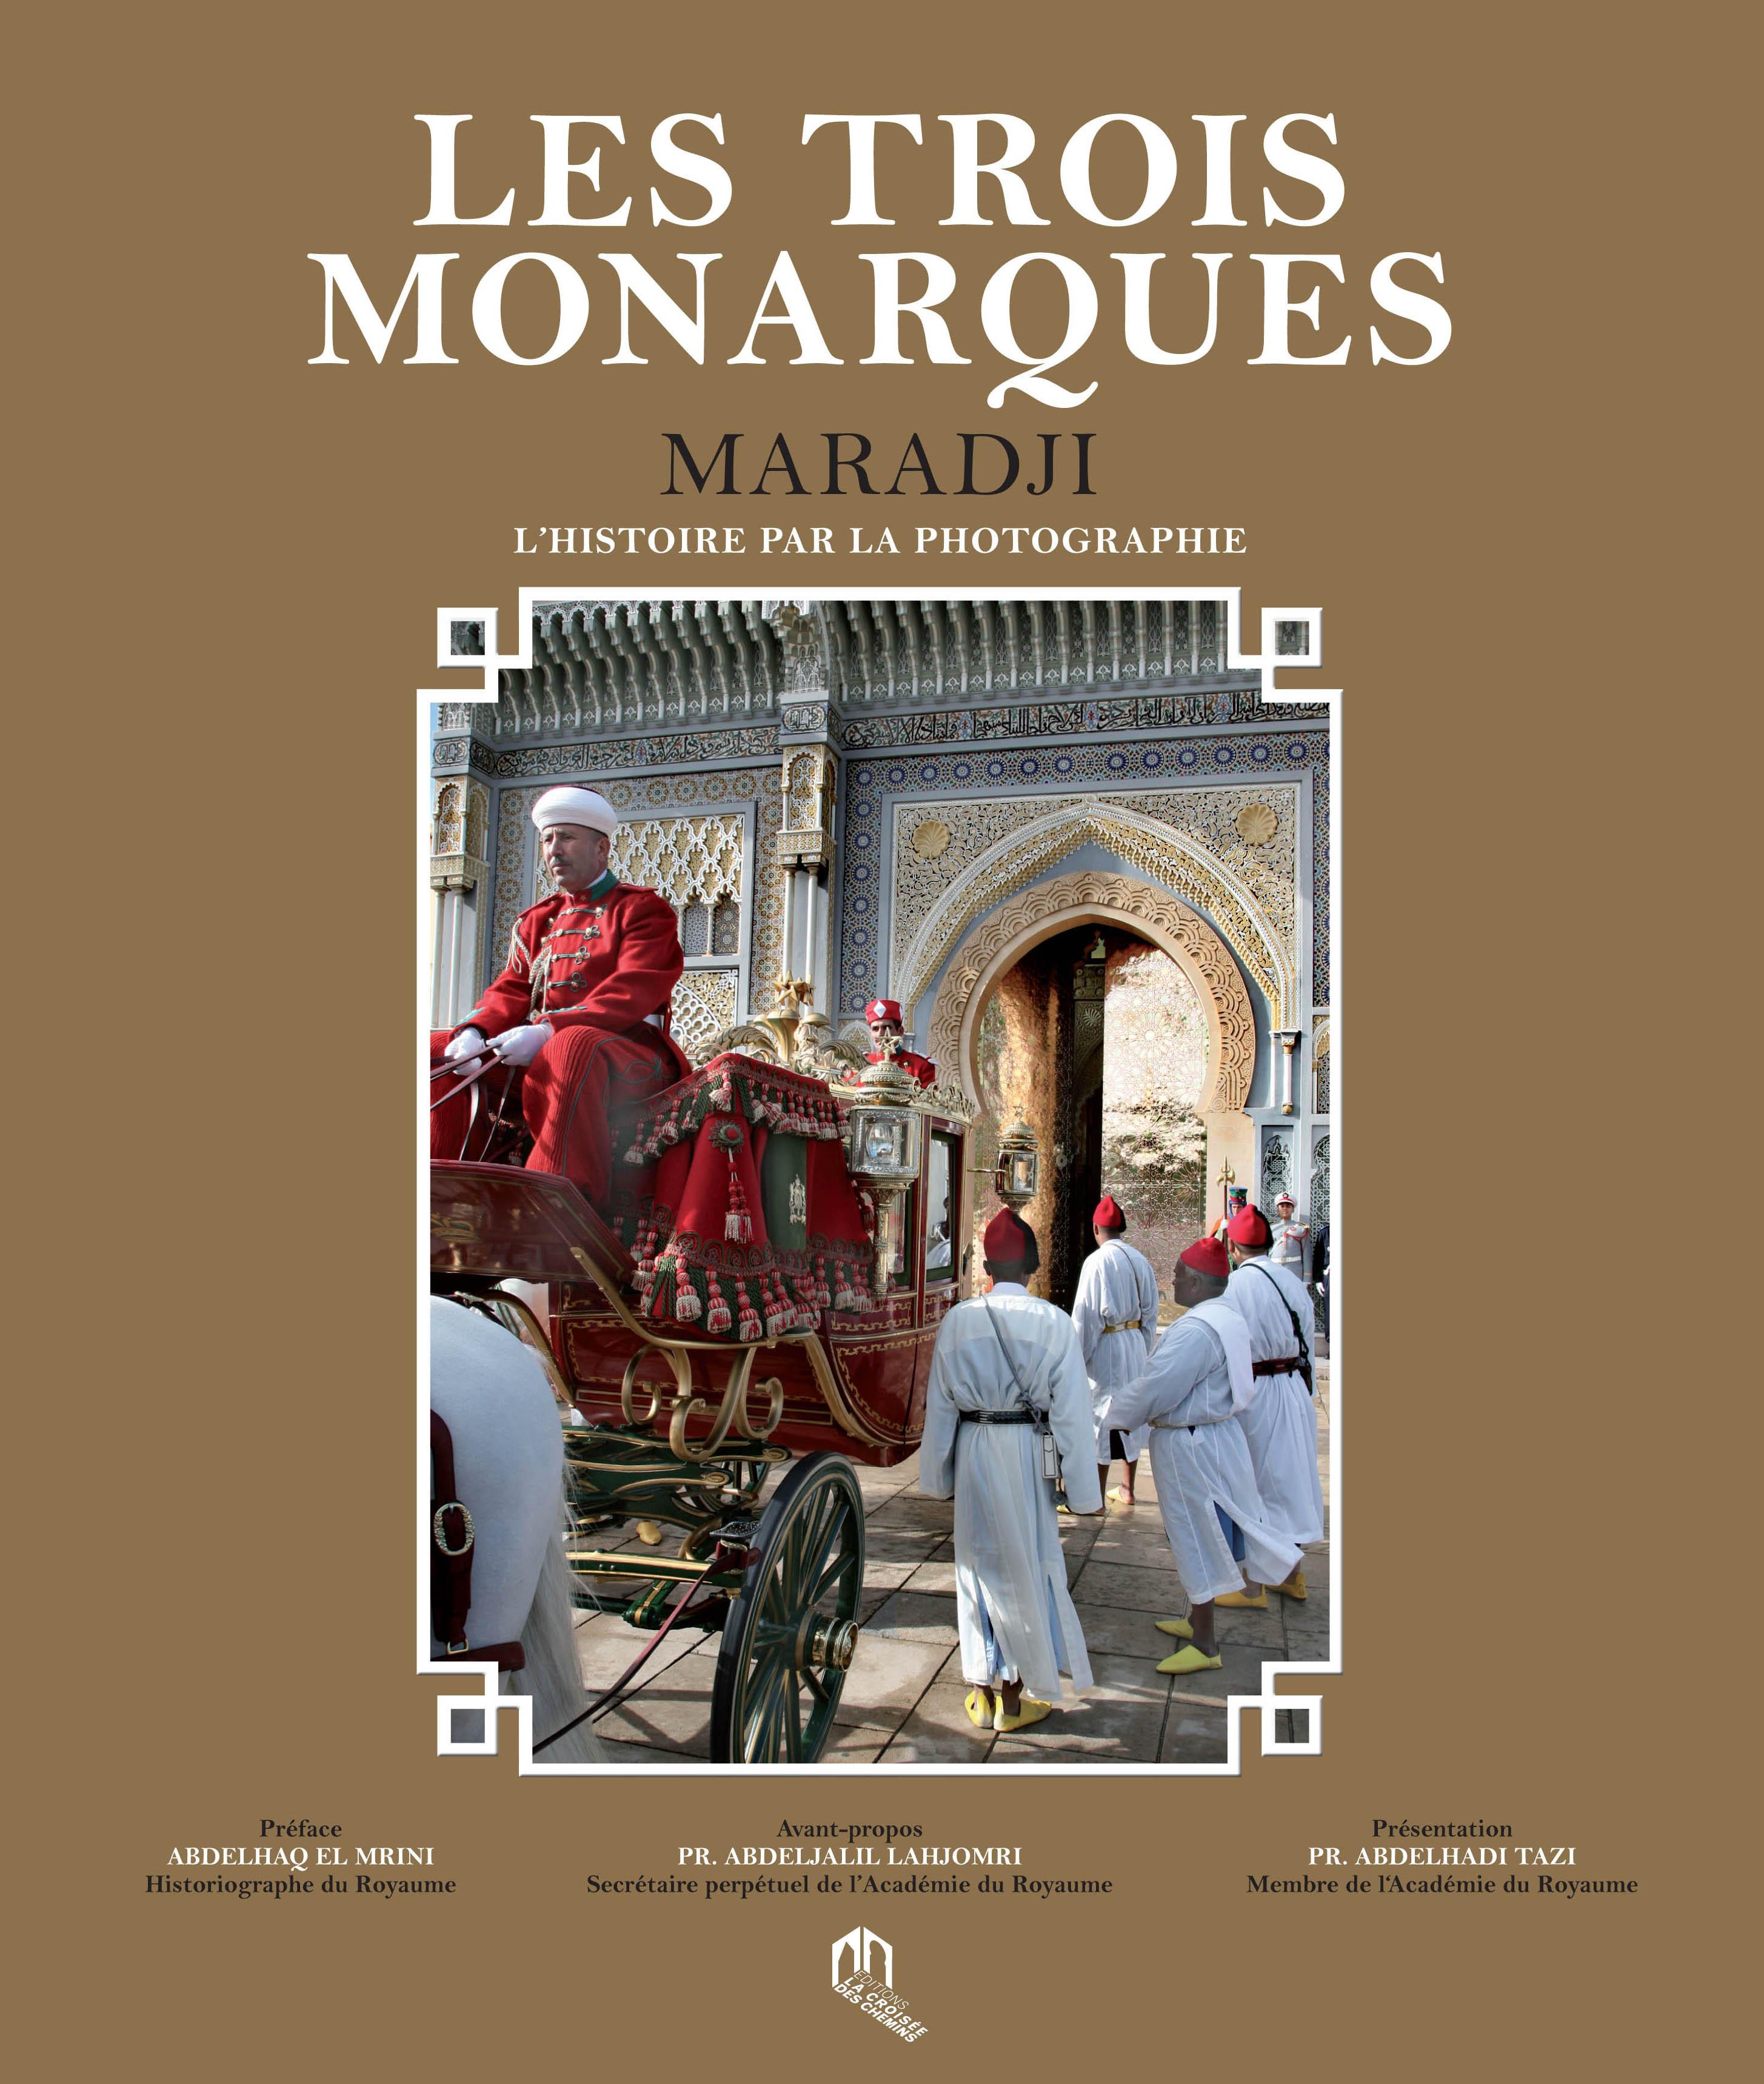 LES TROIS MONARQUES, L HISTOIRE PAR LA PHOTOGRAPHIE